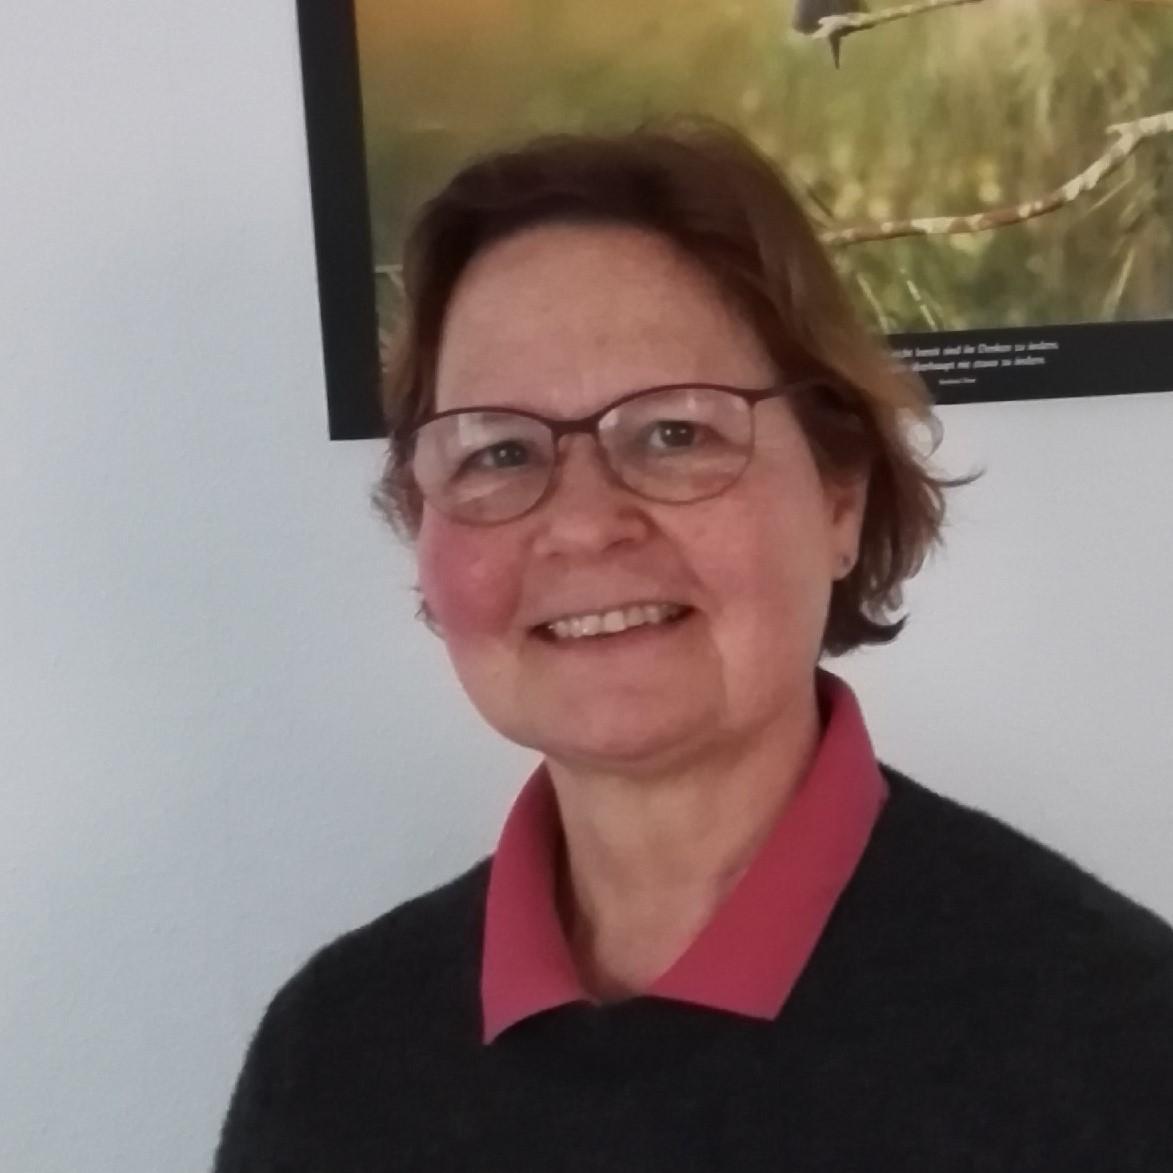 Annette Kammeier